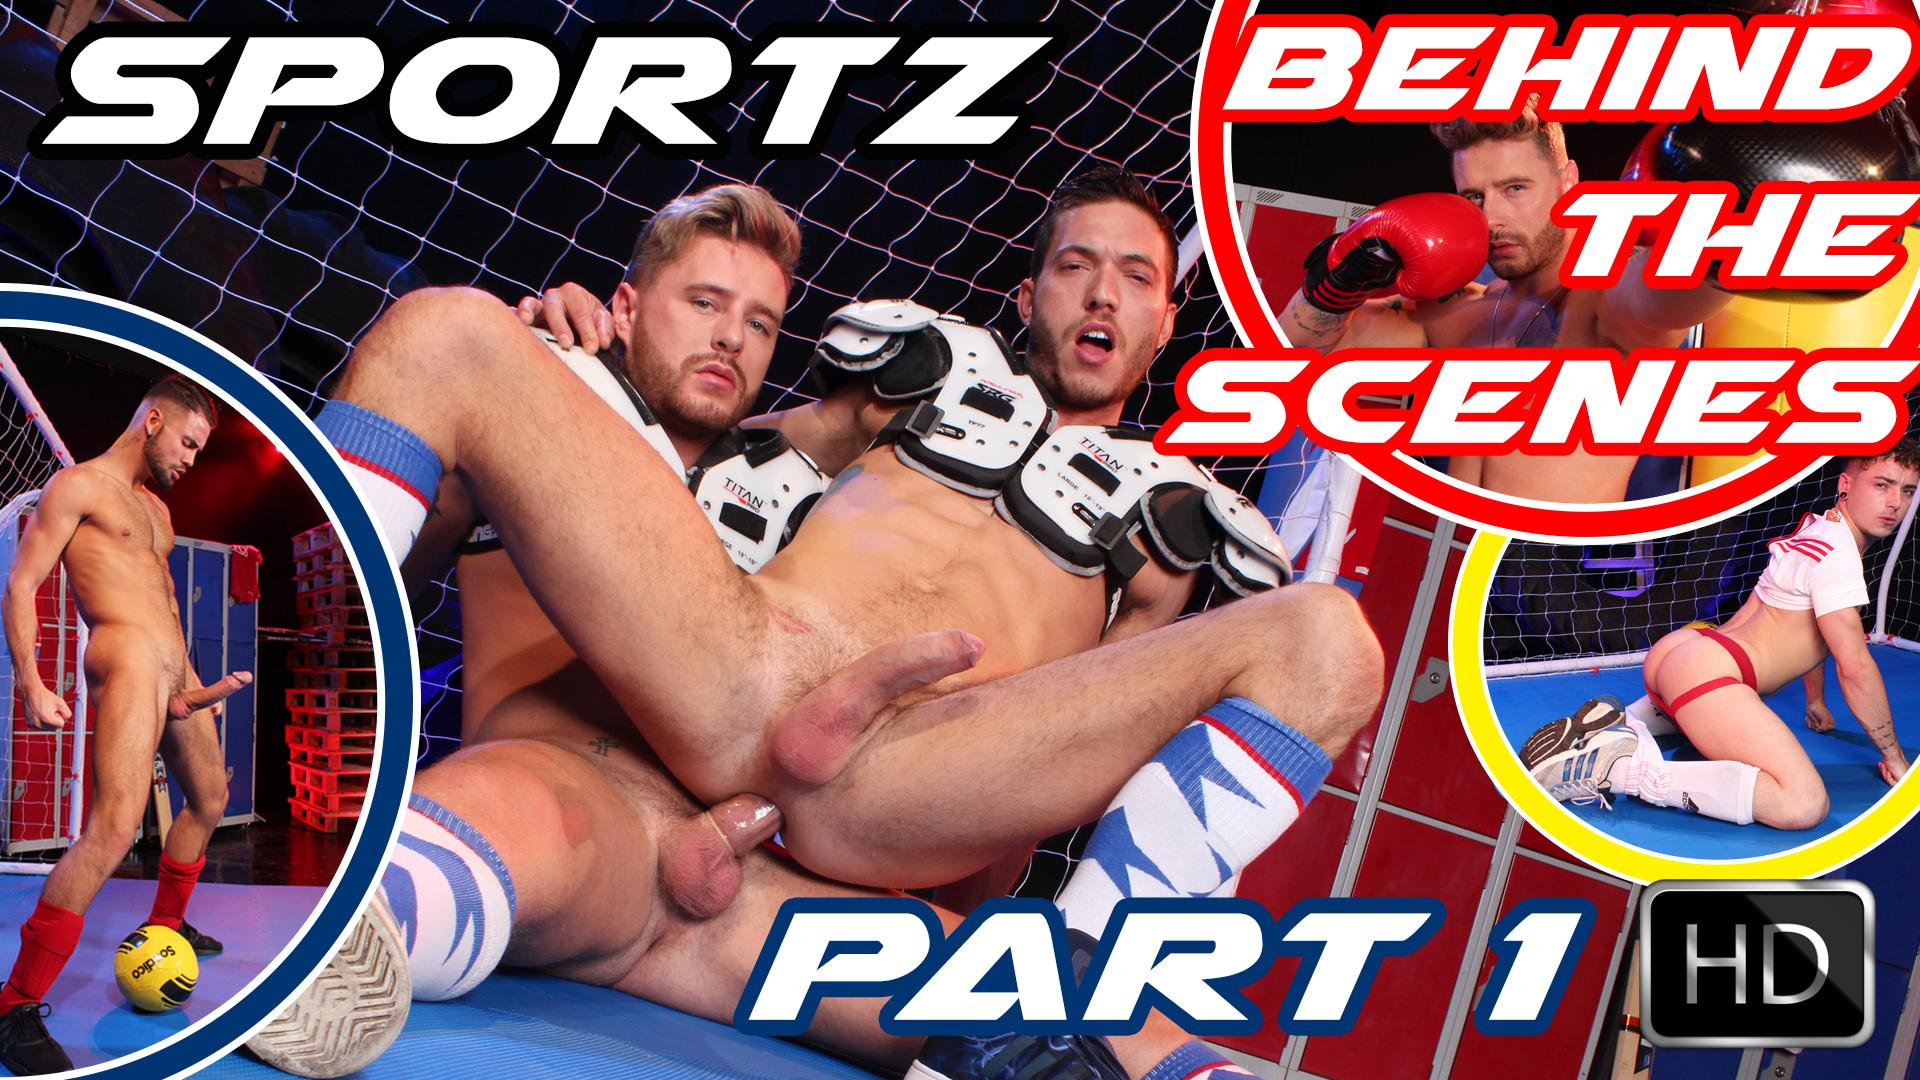 Sportz Bts - Part 1 - UKHotJocks English malayalam dictionary to